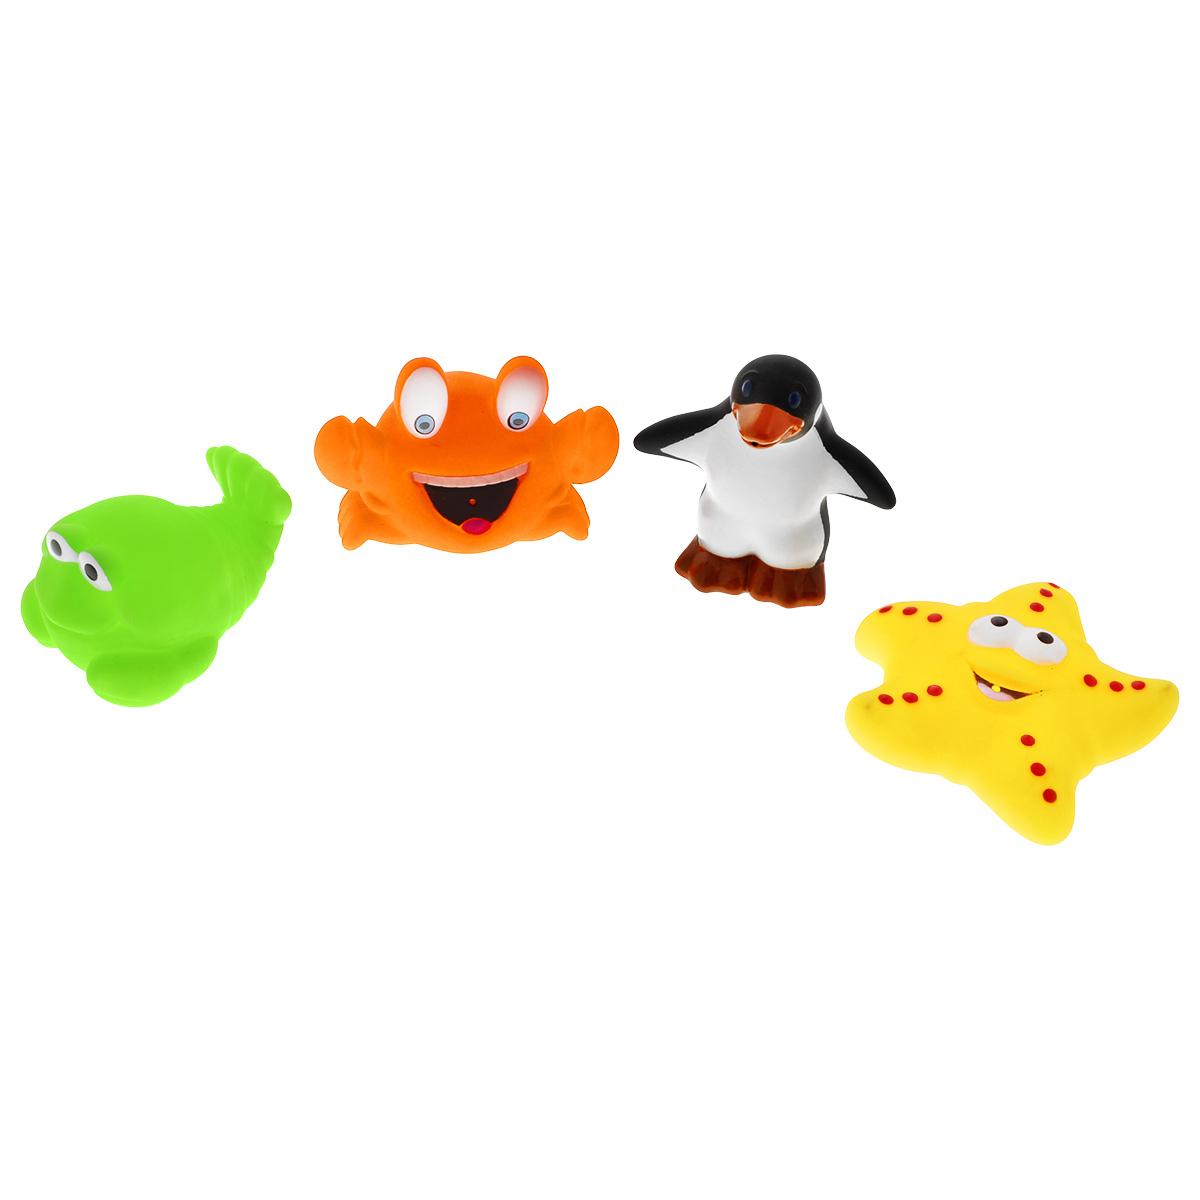 Игровой набор для ванны Mioshi Солнечный пляж, 4 штMAU0304-003С набором для ванны Mioshi Солнечный пляж принимать водные процедуры станет ещё веселее и приятнее. В комплекте малыш обнаружит морскую звездочку, краба, рыбку и пингвина. Все составляющие набора приятны на ощупь, имеют удобную для захвата маленькими пальчиками эргономичную форму и быстро сохнут. Забавным дополнением также будет возможность игрушек брызгать водой при сжатии. Устраивайте водные сражения! Игрушки Mioshi Aqua помогают малышам быстрее приспосабливаться к водной среде, а процесс принятия водных процедур делают веселым и увлекательным.